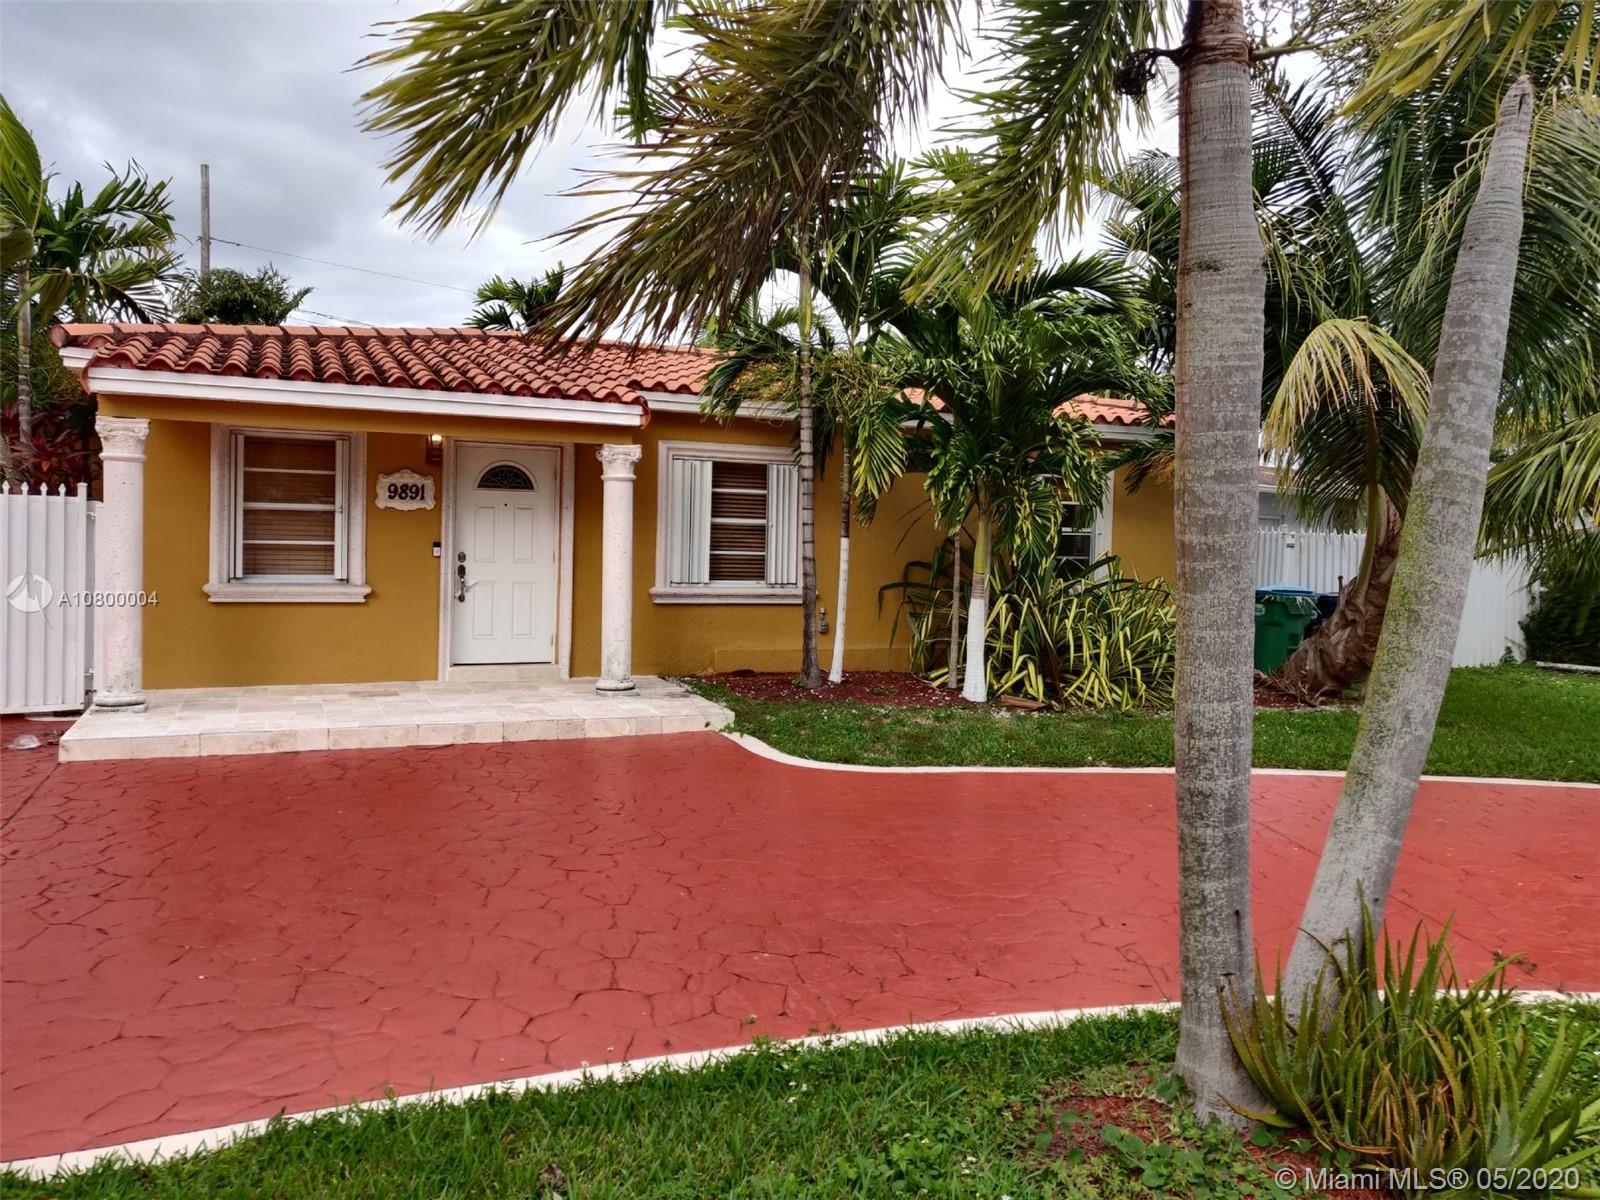 Photo - 9891 SW 45th St, Miami FL 33165